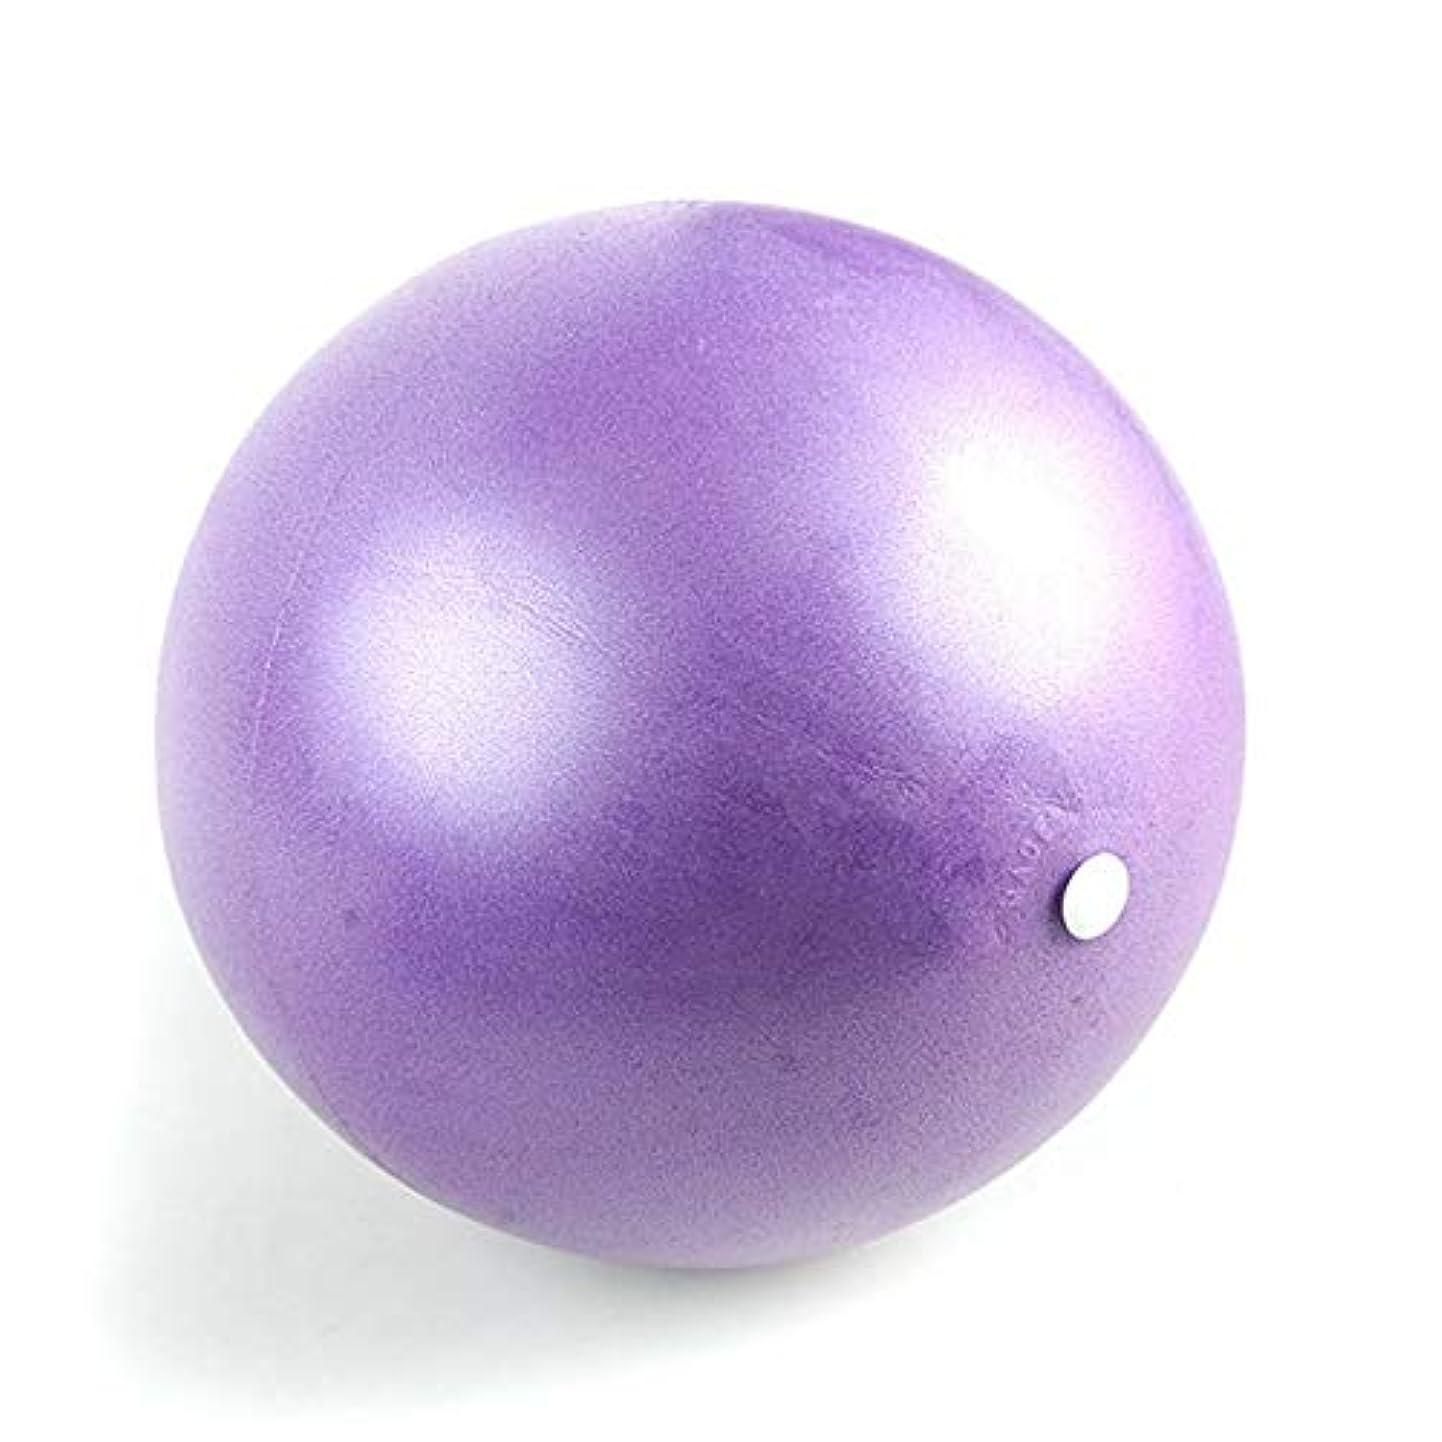 ミニ25センチメートル/ 15センチフィットネス小麦チューブバランス肥厚マットピラティスヨガボール滑り止め摩耗防爆(Color:purple)